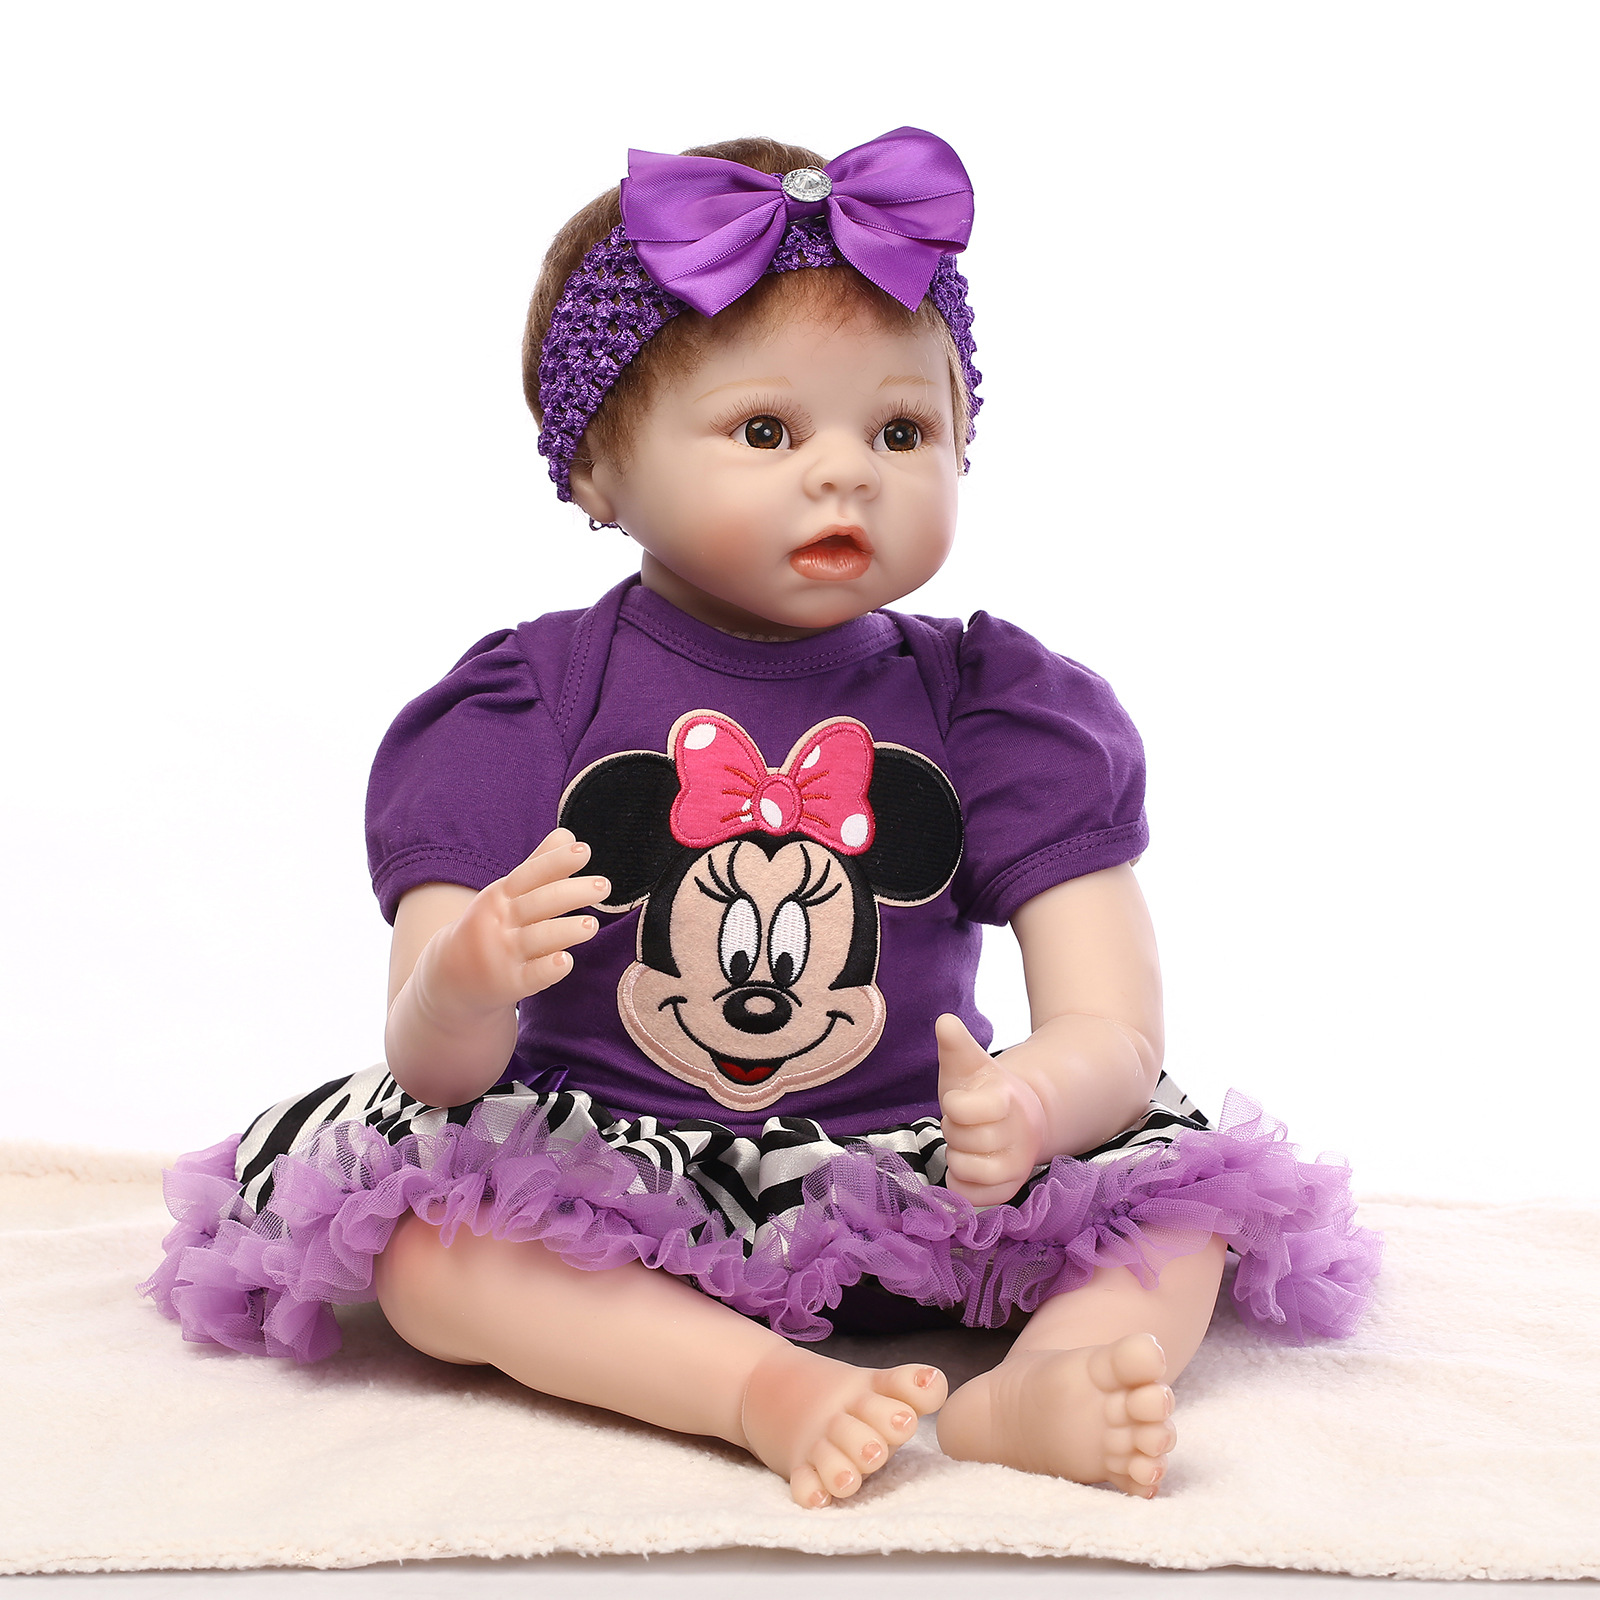 Bébé reborn Silicone souple Silicone vinyle poupée 55 cm Silicone souple Reborn bébé poupée nouveau-né réaliste Bebes Reborn poupées